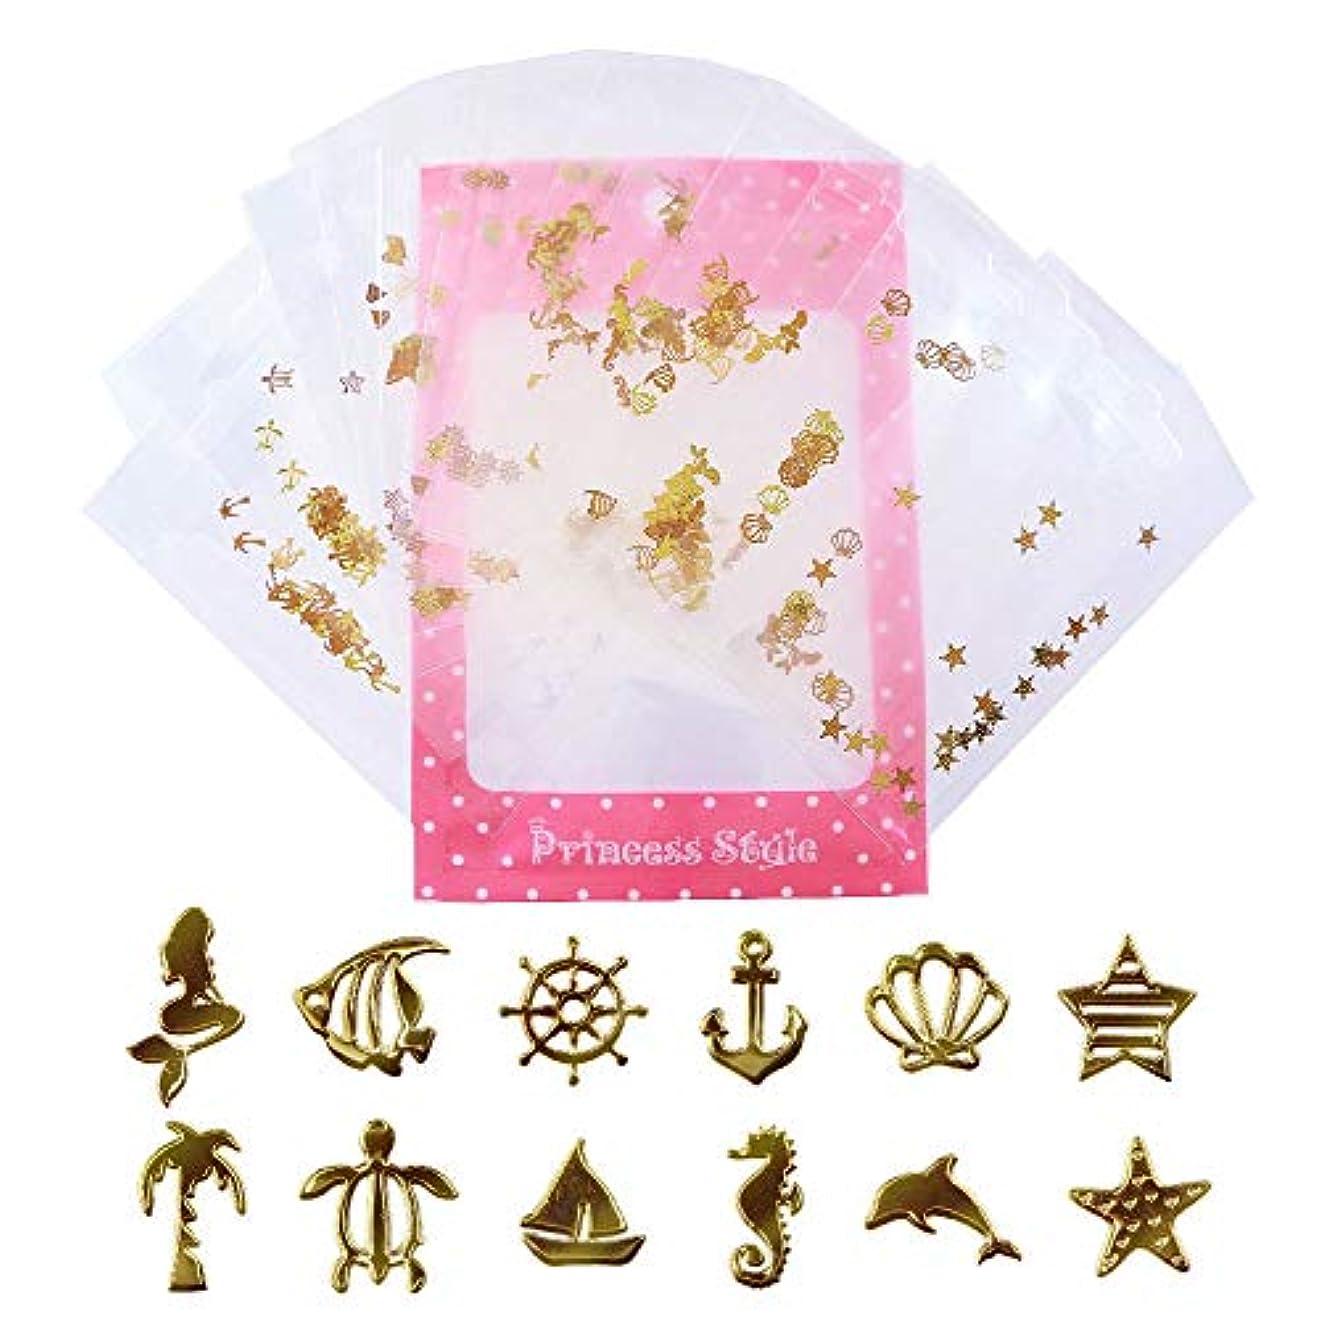 フィクションクリップ蝶ジャーナリスト薄型 アート パーツ ゴールド ネイル&レジン用 マリンパーツ 12種類300枚セット 袋入り